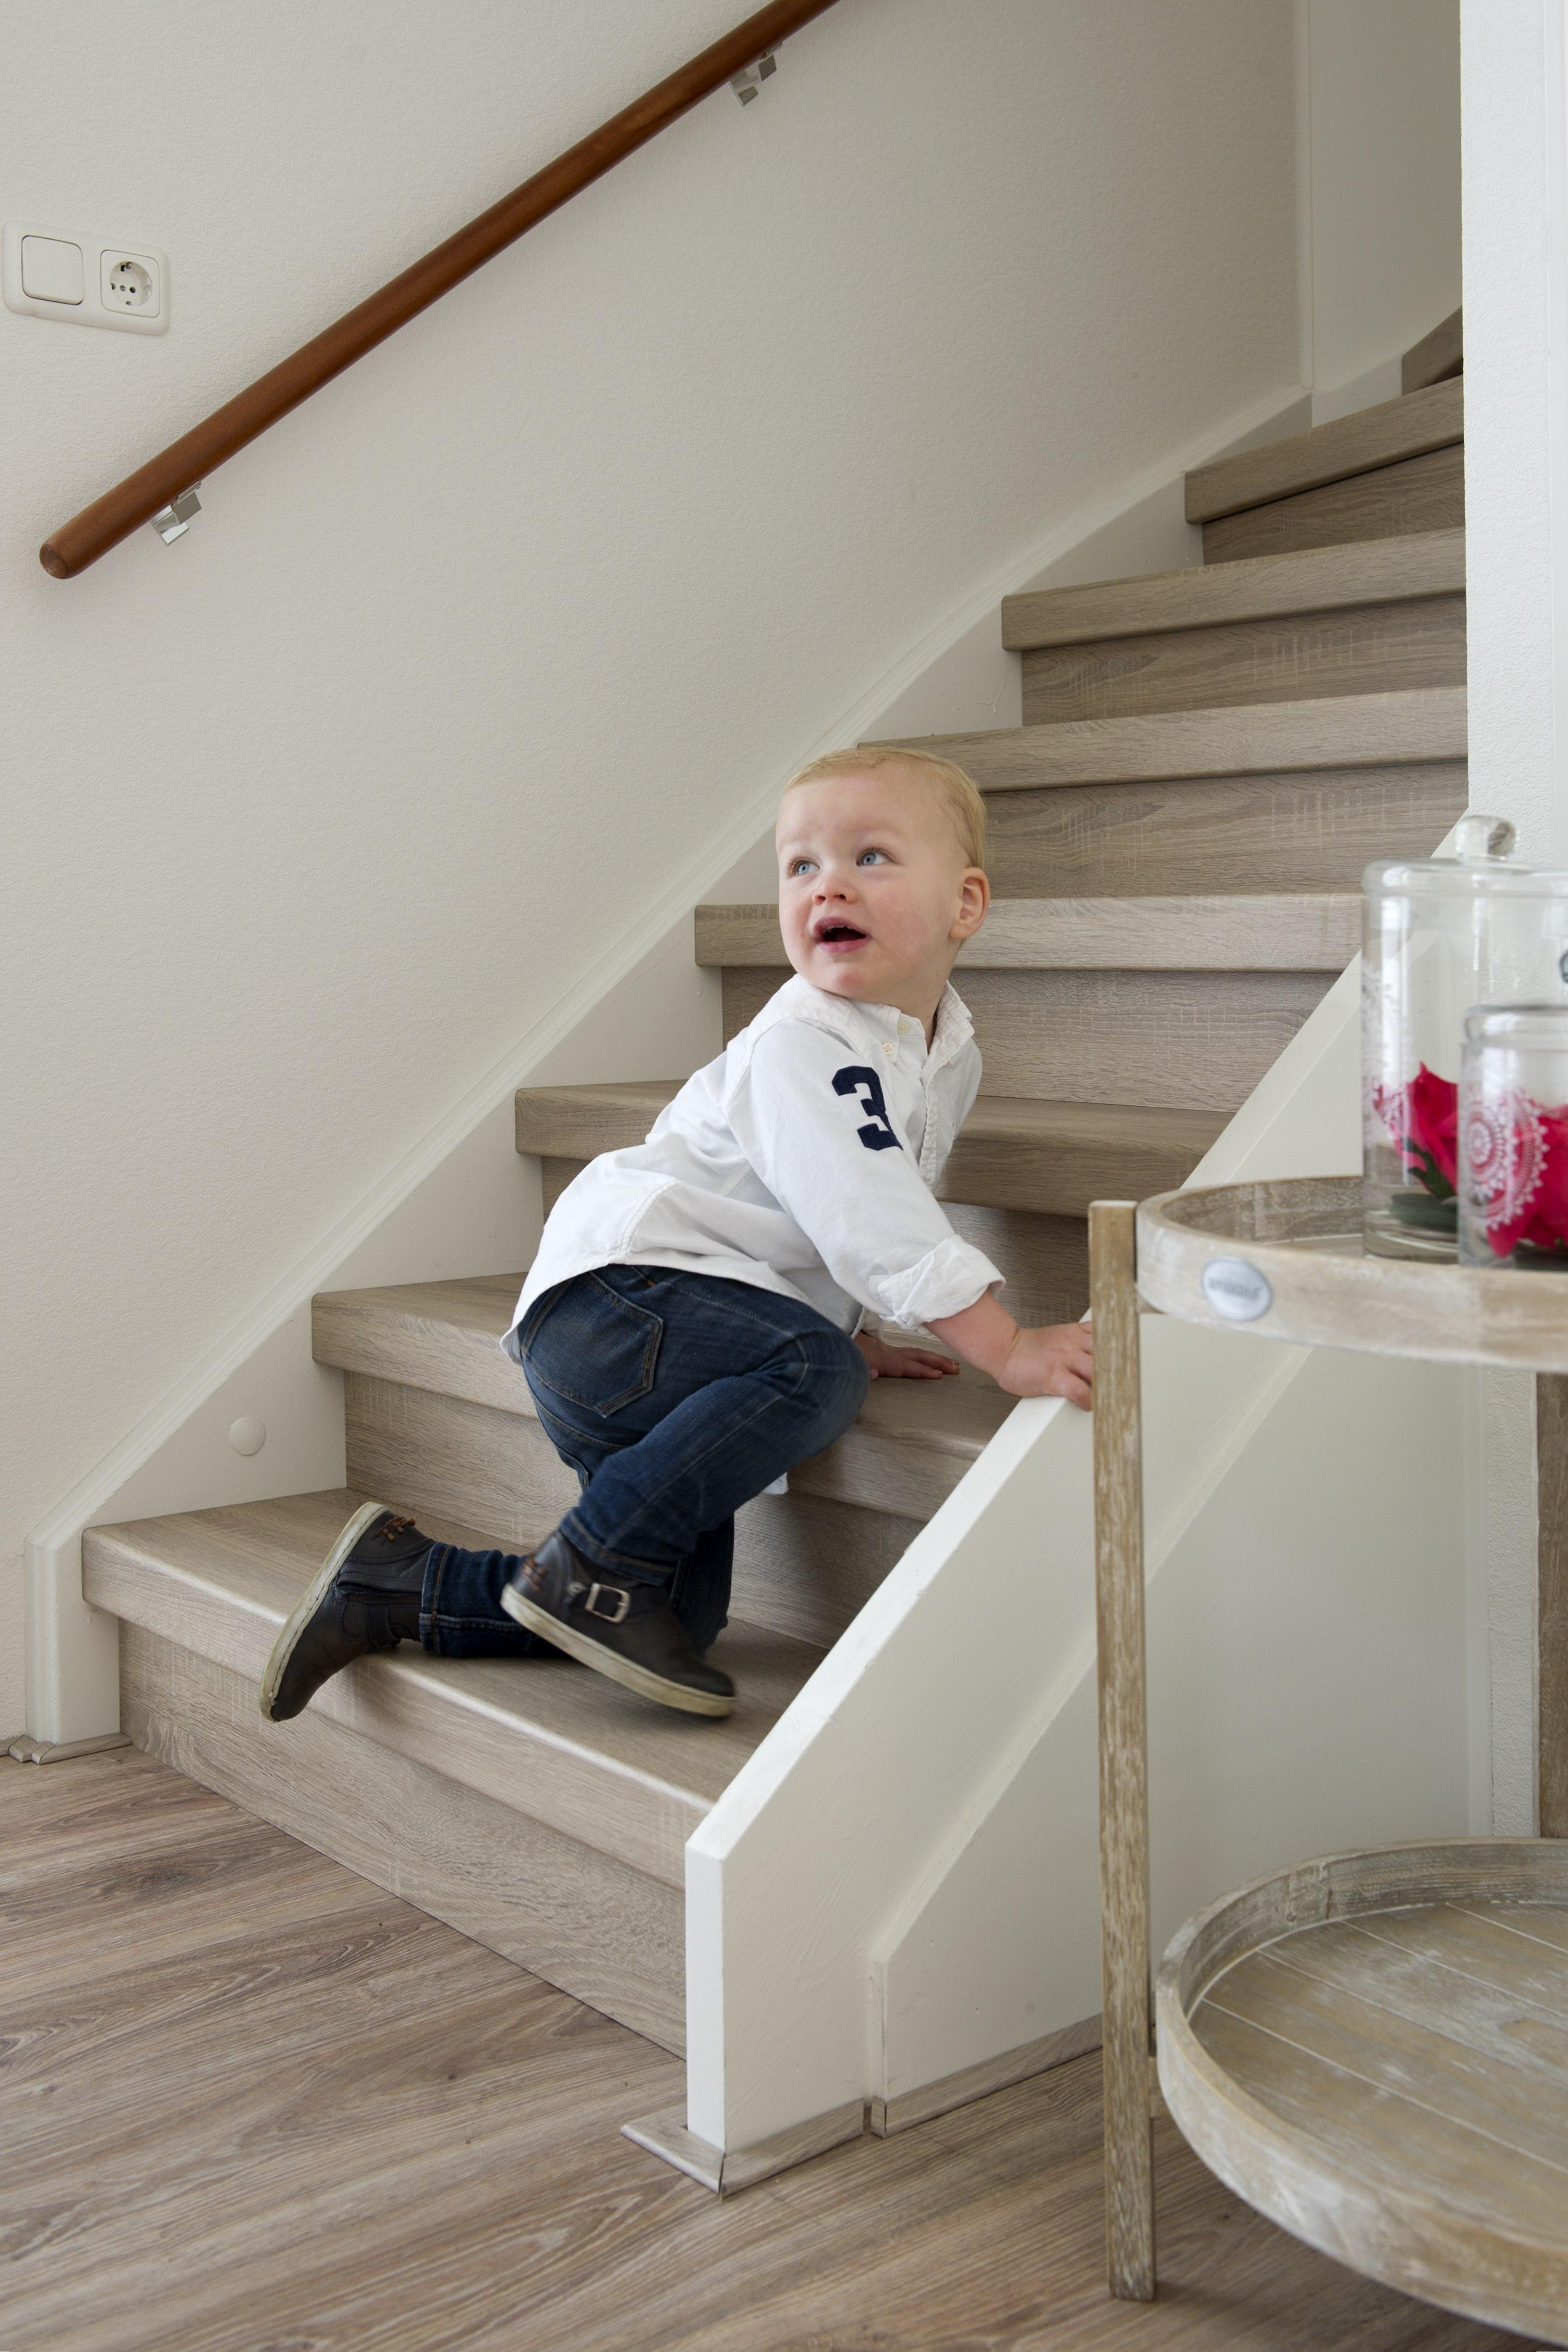 Een kindvriendelijke en veilige trap tips trotsemoeders magazine voor moeders door moeders - Trap meubilair kind ...